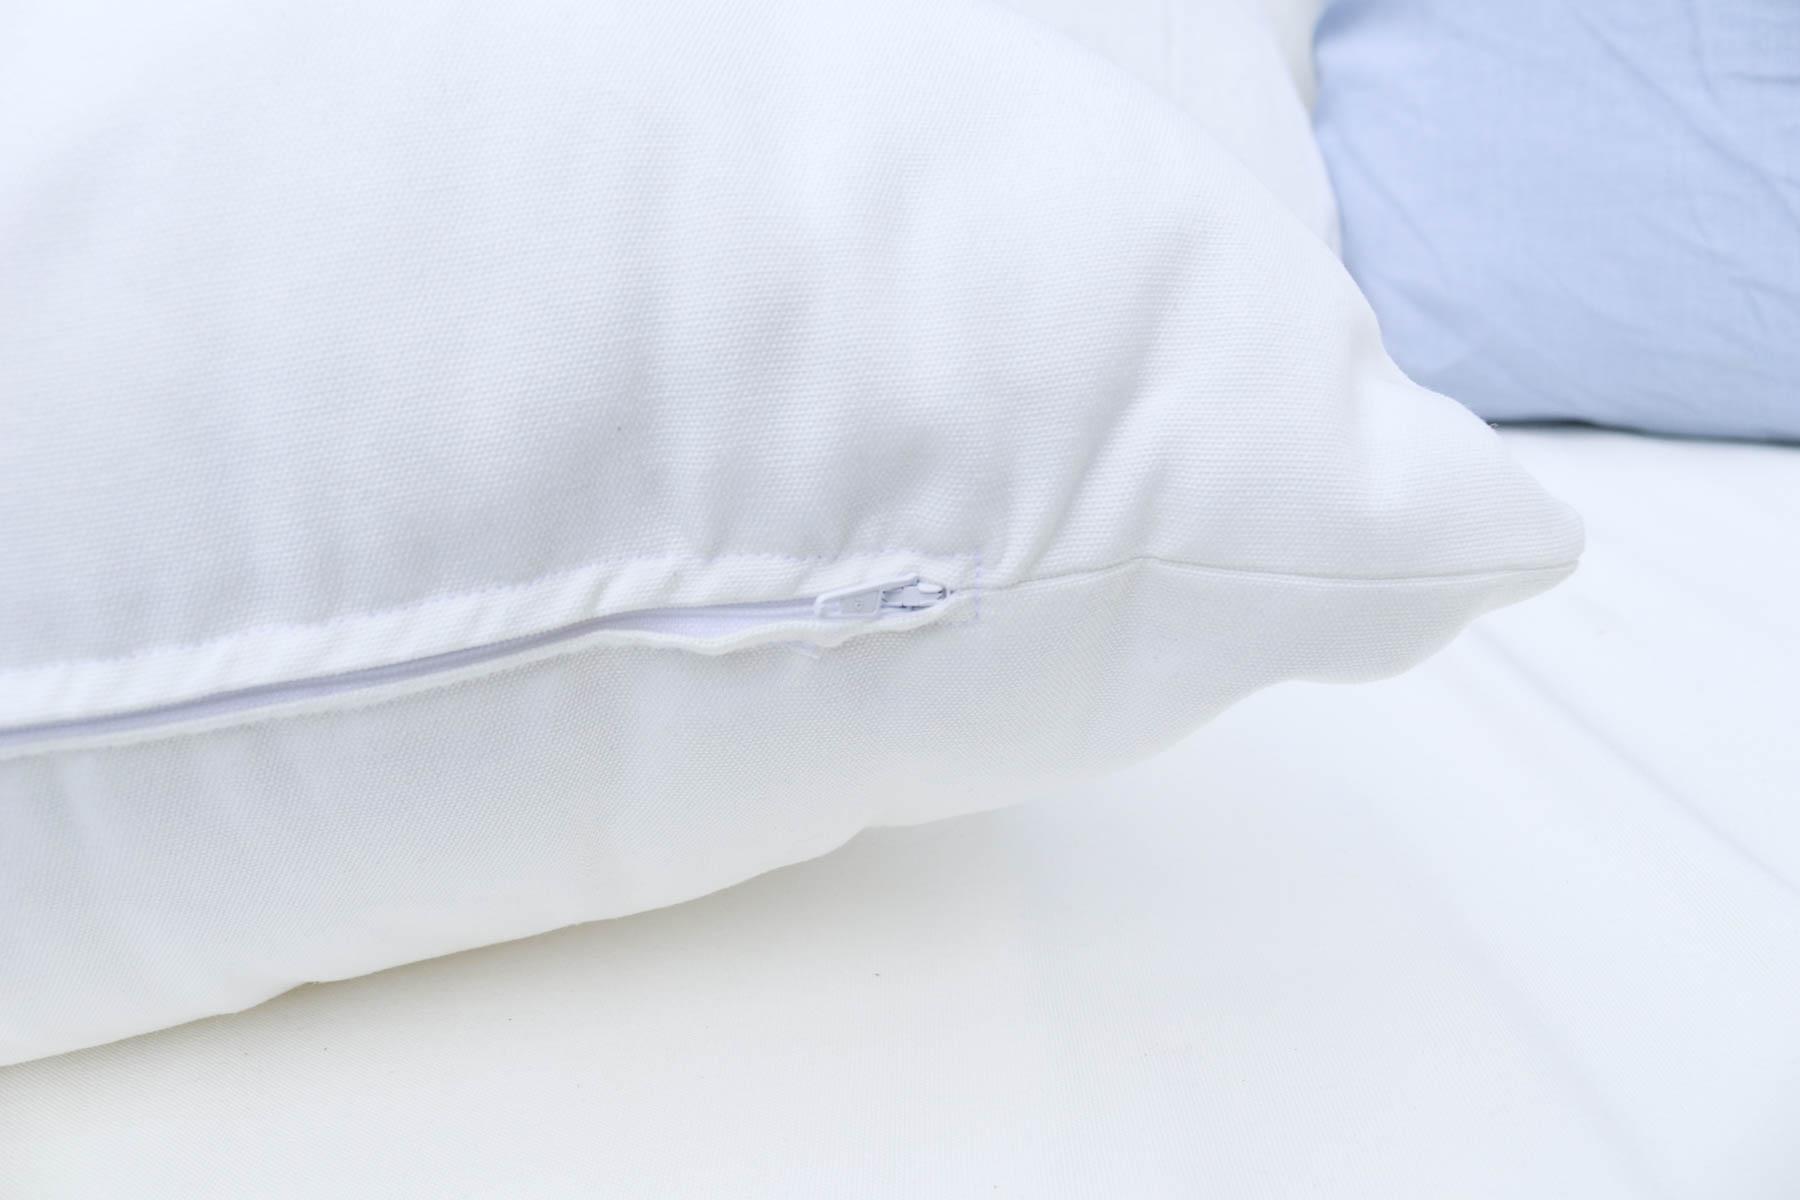 Nahtverdeckter Reißverschluss an Kissenbezug. JanaKnöpfchen - Nähen für Jungs